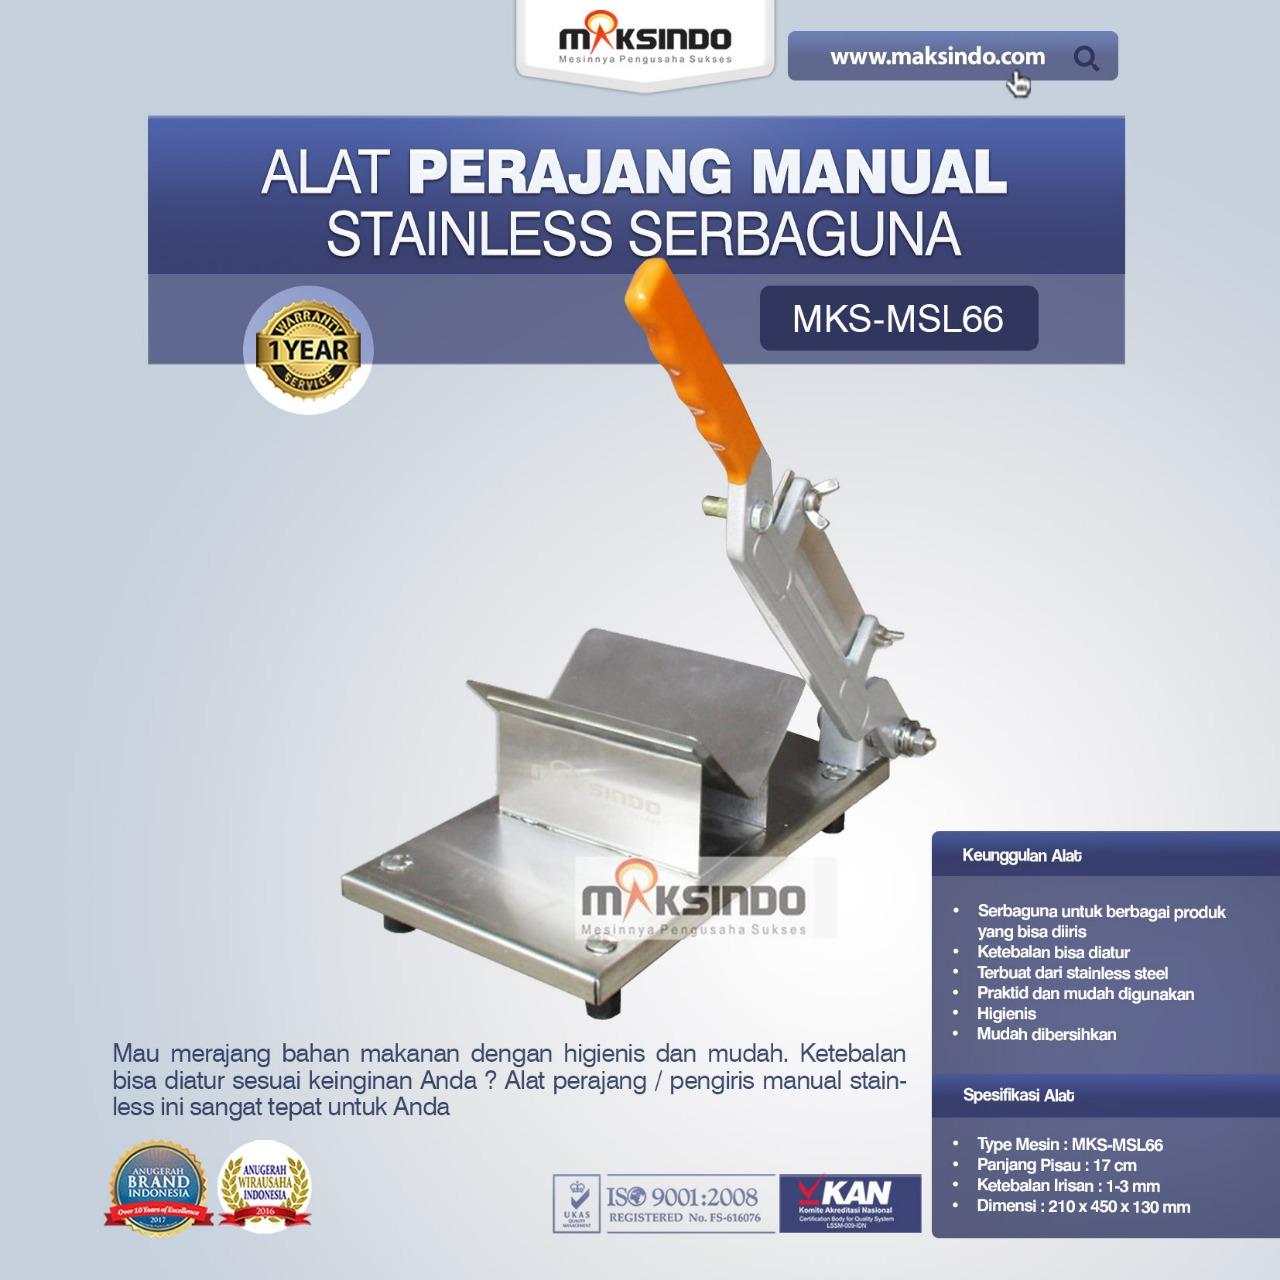 Jual Alat Perajang Manual Stainless Serbaguna di Pekanbaru